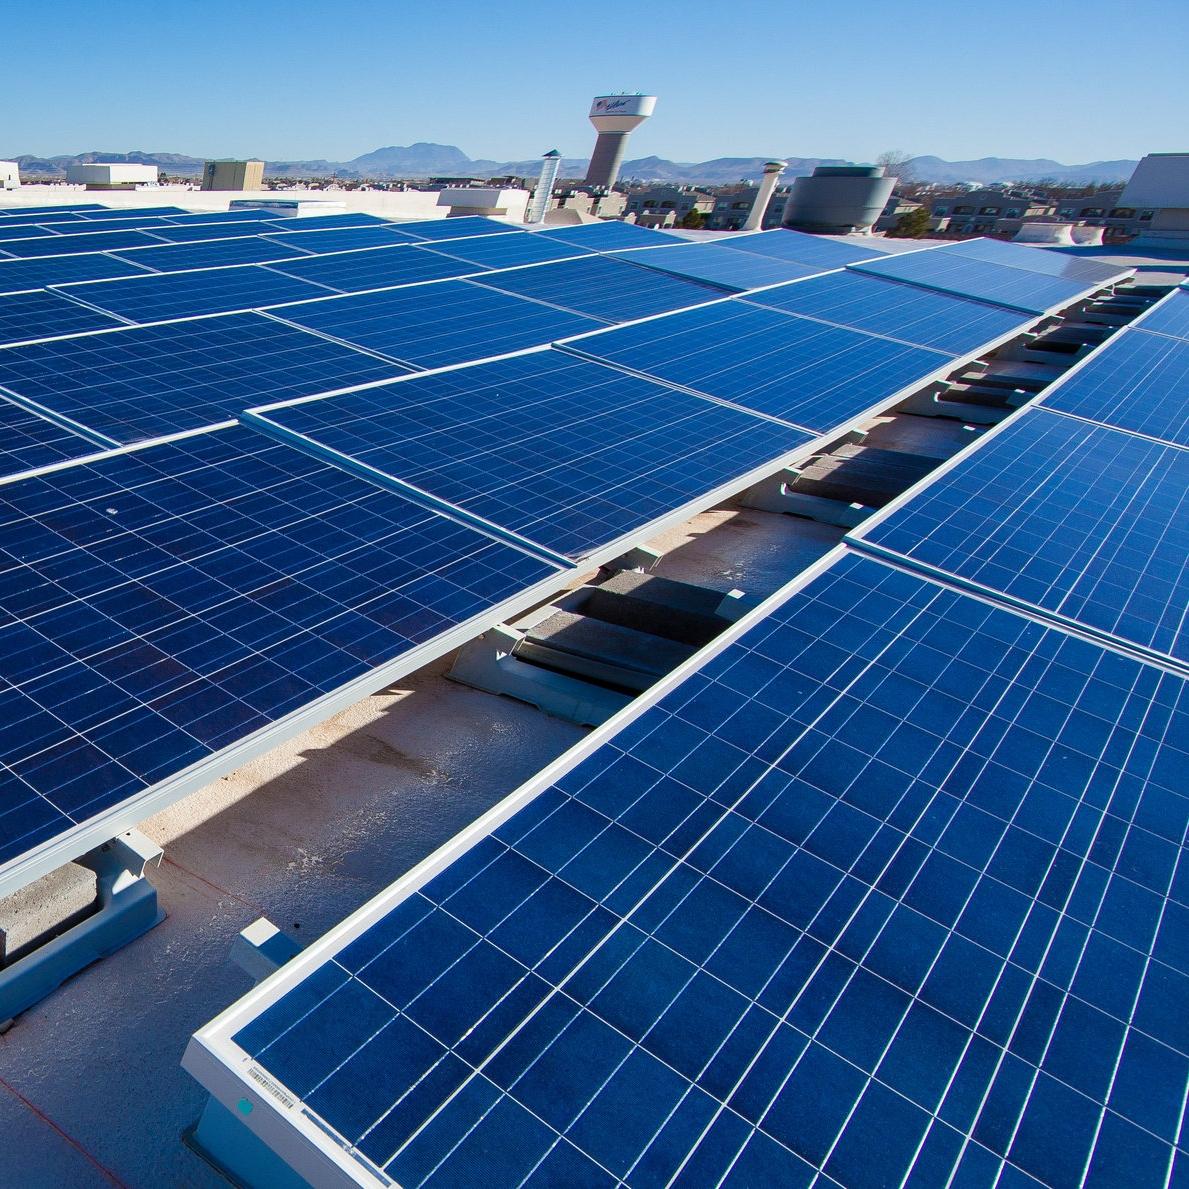 Solar City -  Oswego, NY    2.6MW site    9200 modules installed    11.5-acre site